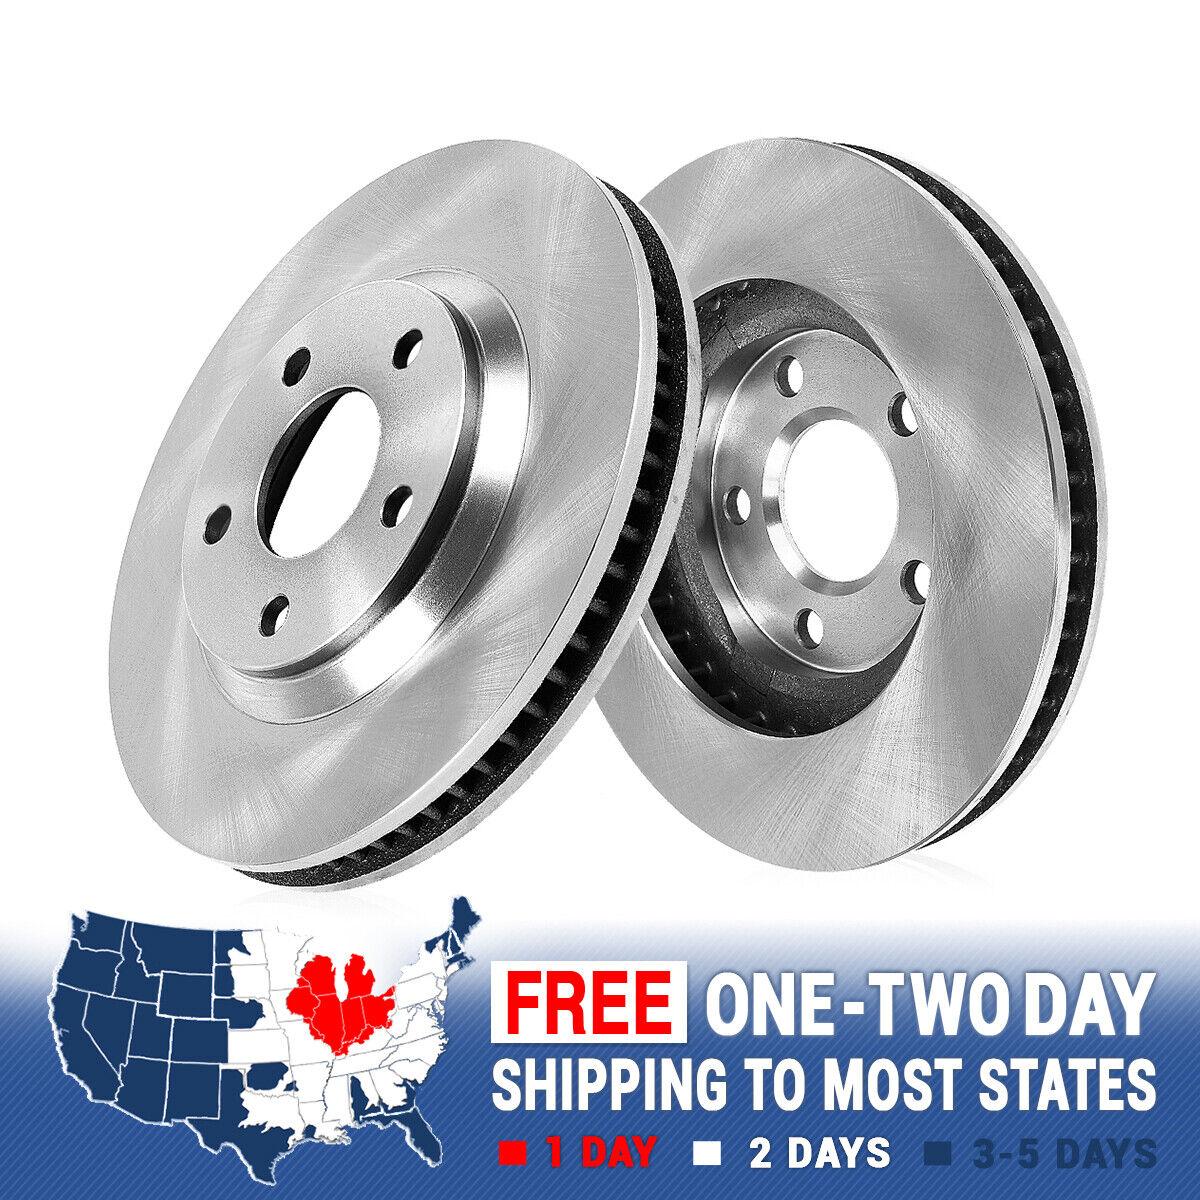 Fits:- Dodge Chrysler 4 Ceramic Pads 2 Cross-Drilled Disc Brake Rotors 5lug Front Kit High-End